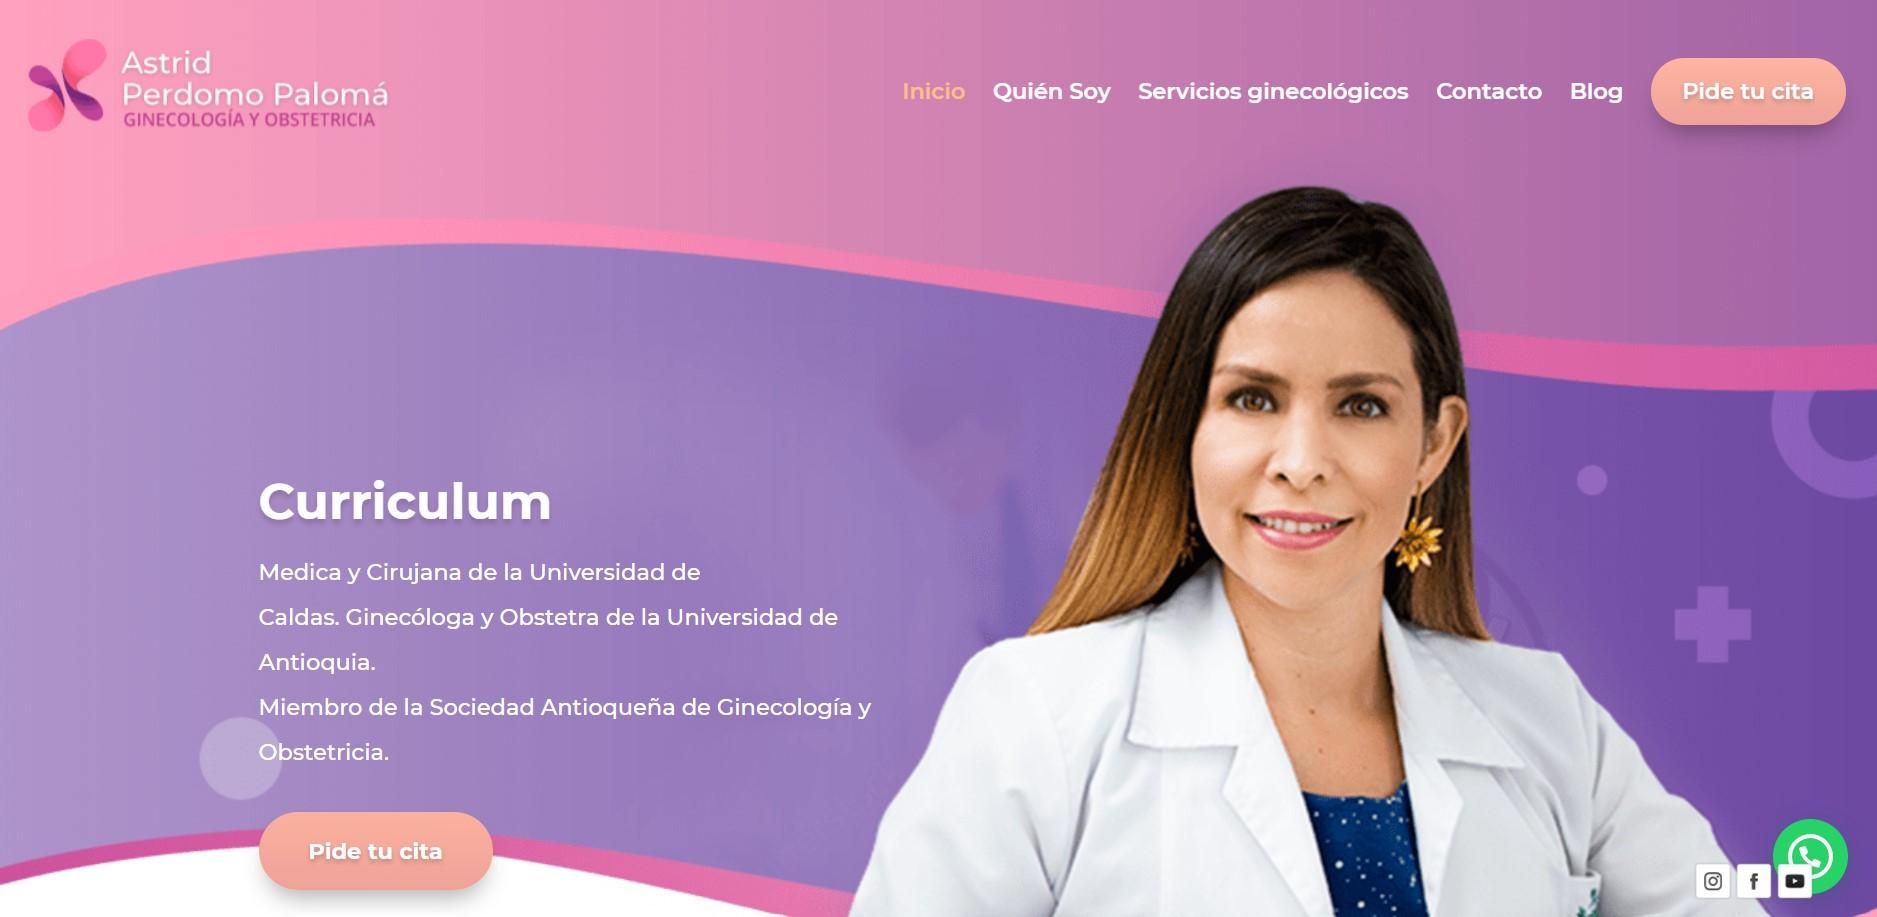 SEo Ginecologa Astrid Perdomo